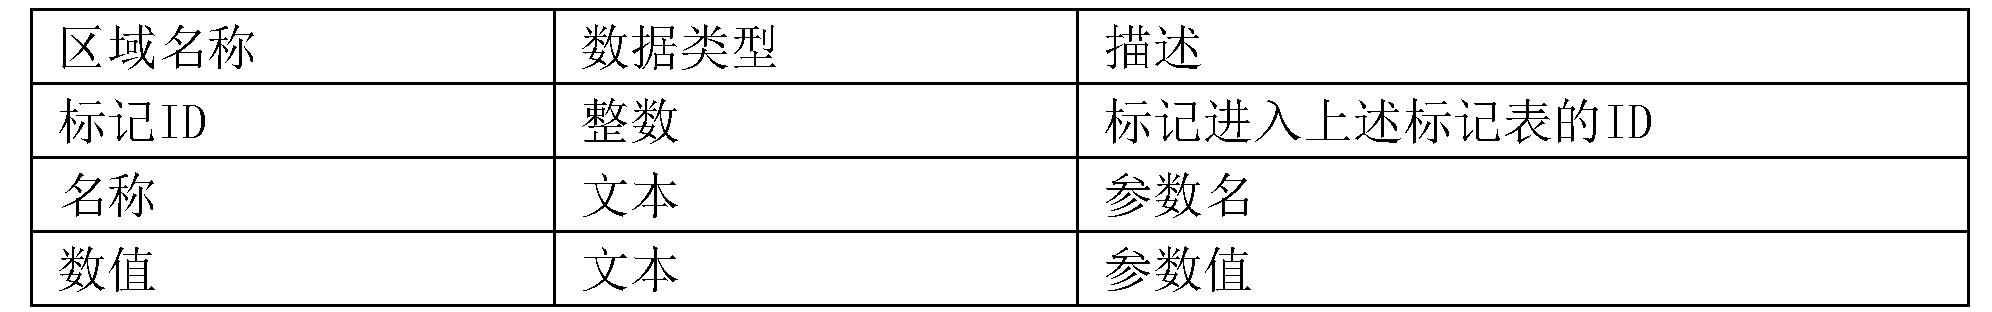 Figure CN104898652BD00381